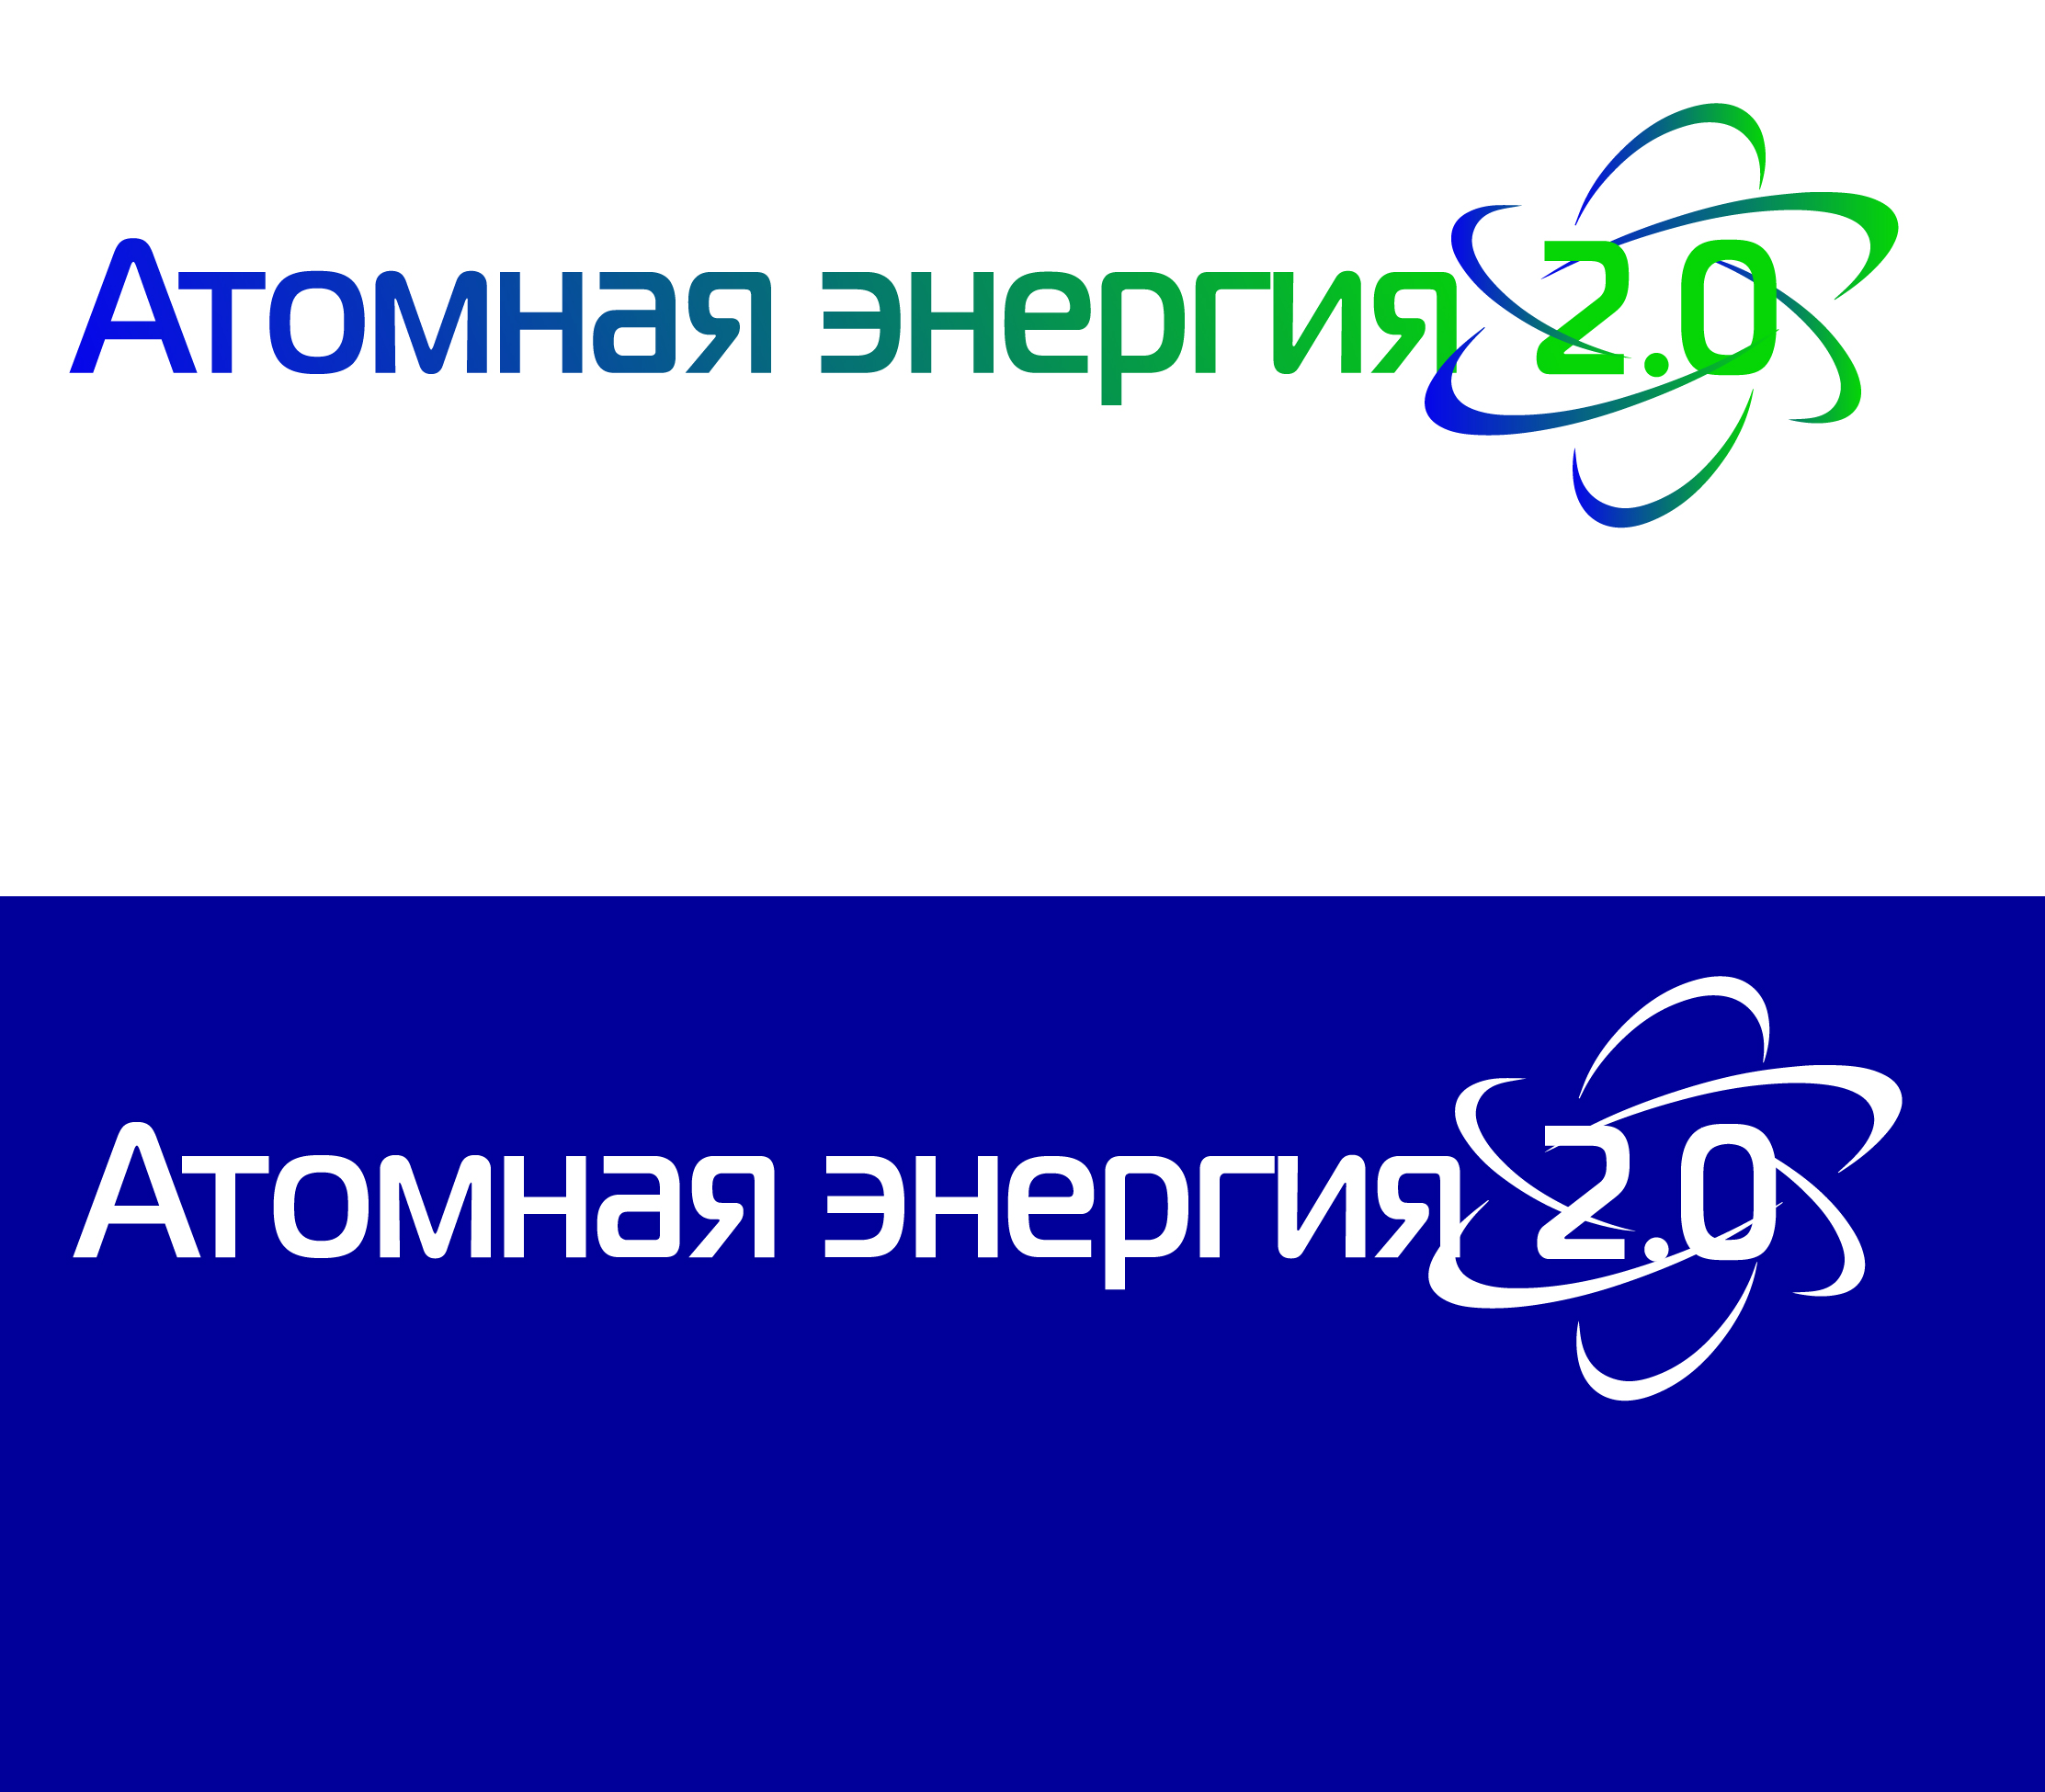 """Фирменный стиль для научного портала """"Атомная энергия 2.0"""" фото f_32759ddd04385731.jpg"""